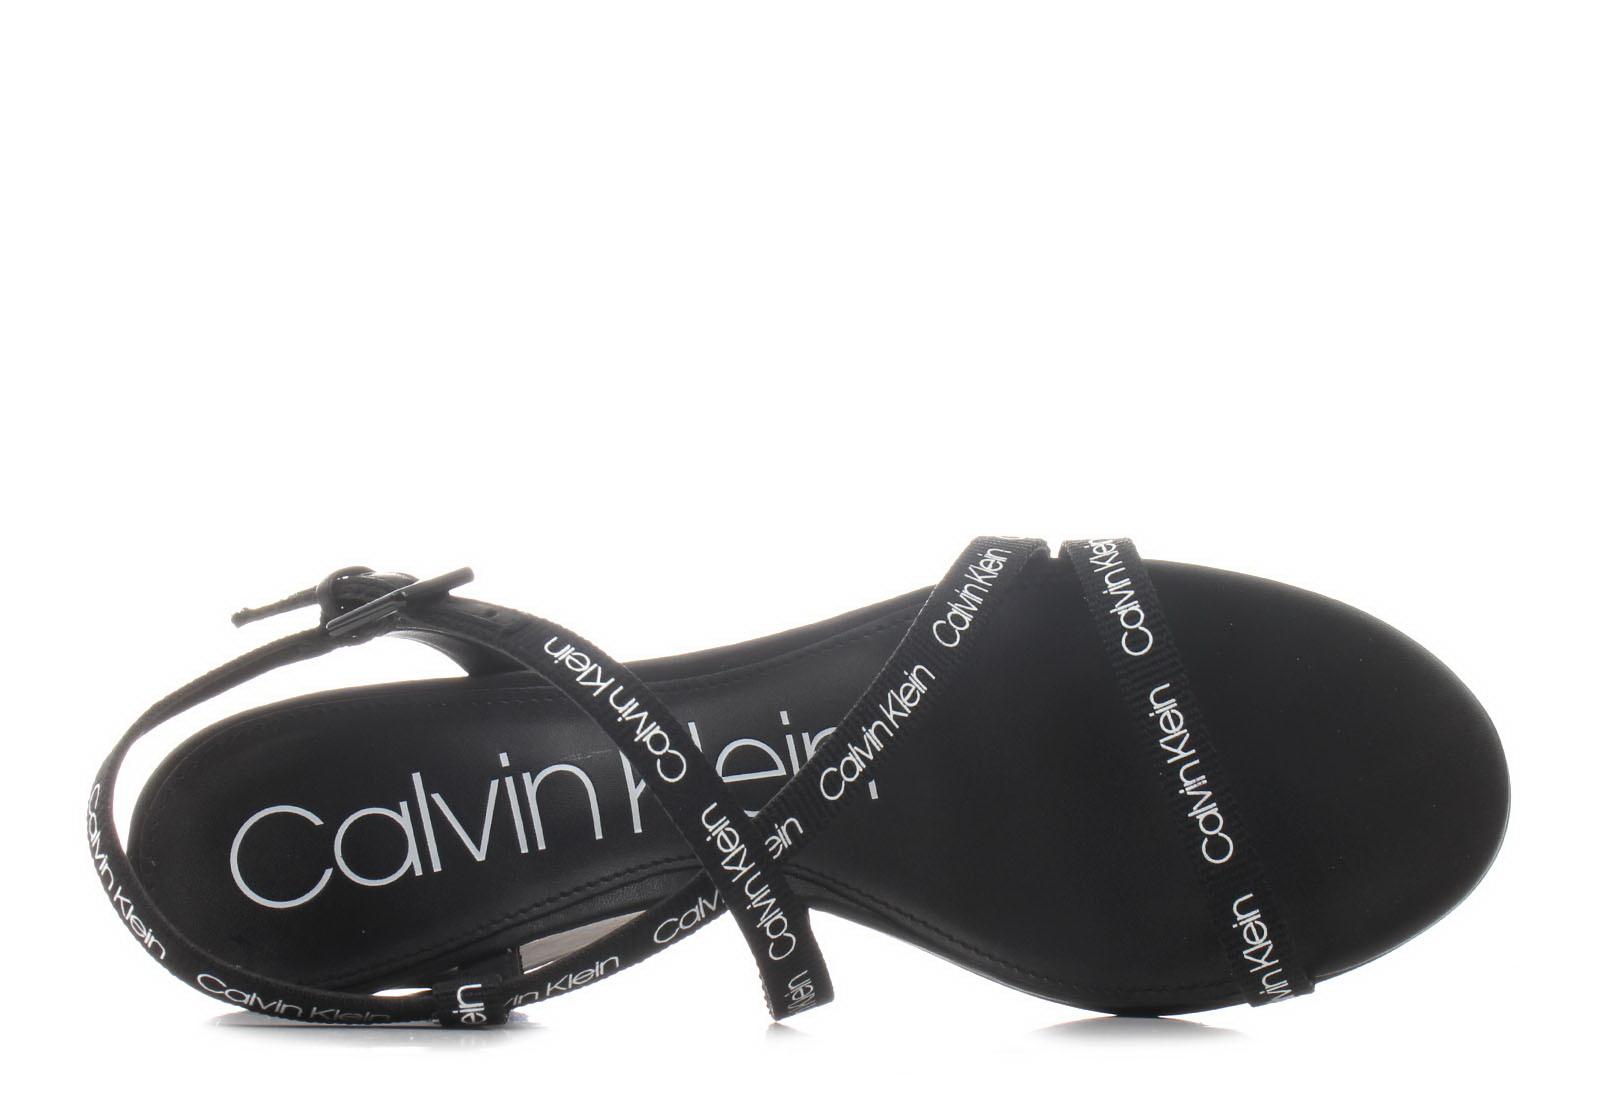 16d193a7ec Calvin Klein Jeans Sandále - Bellemine - E1932-blk - Tenisky ...